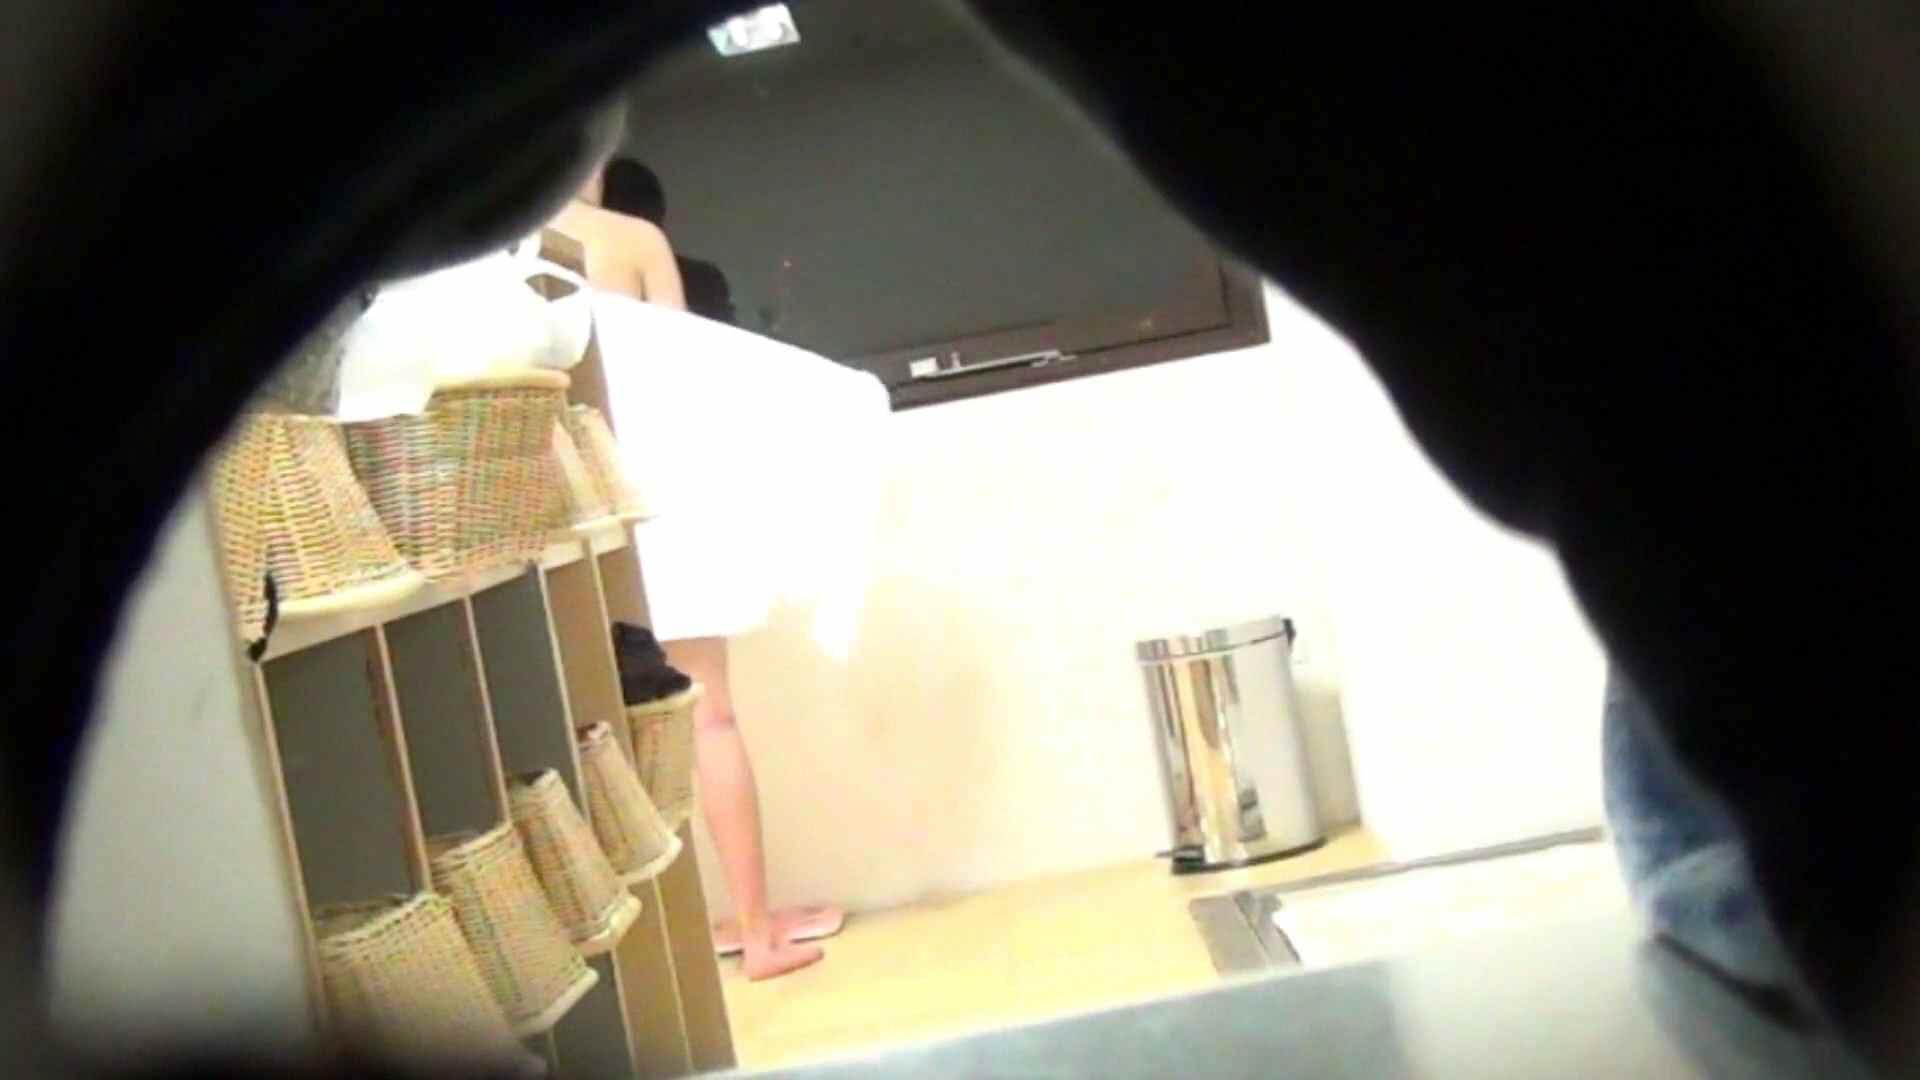 行くぜ!がっつり男風呂!Vol.27 裸 ゲイSEX画像 10画像 2